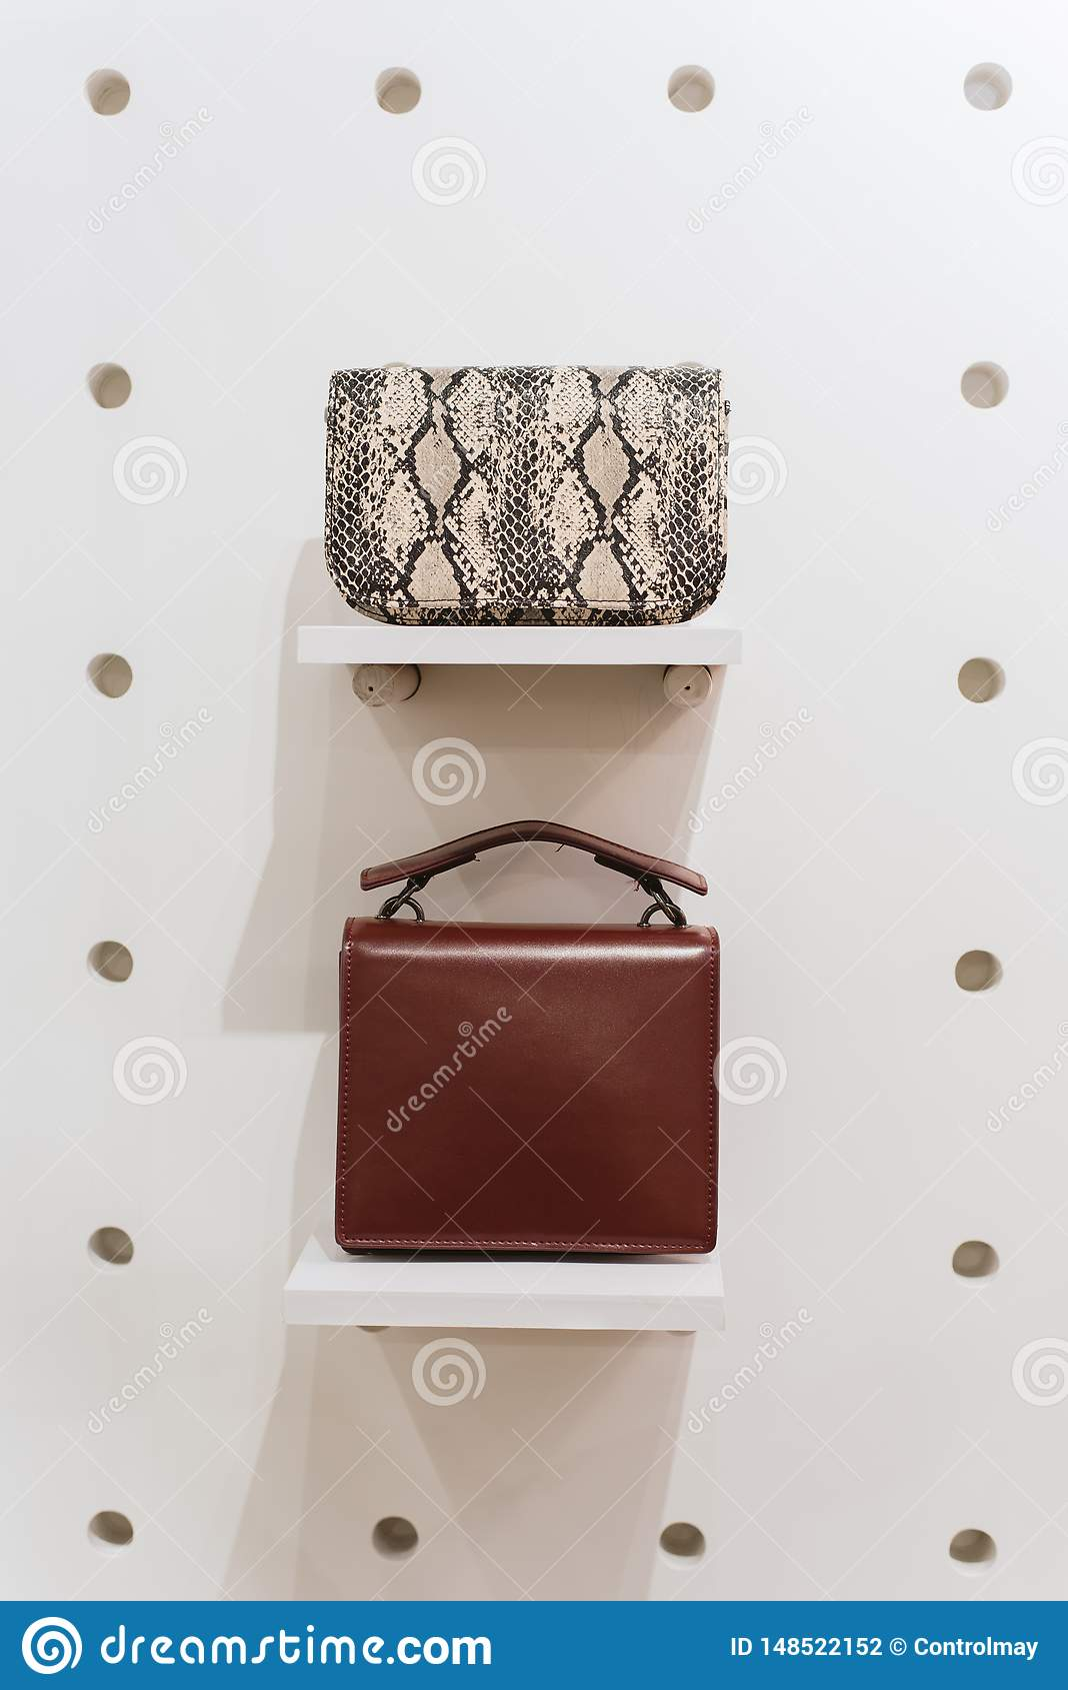 Δύο μοντέρνες τσάντες σε ένα άσπρο υπόβαθρο